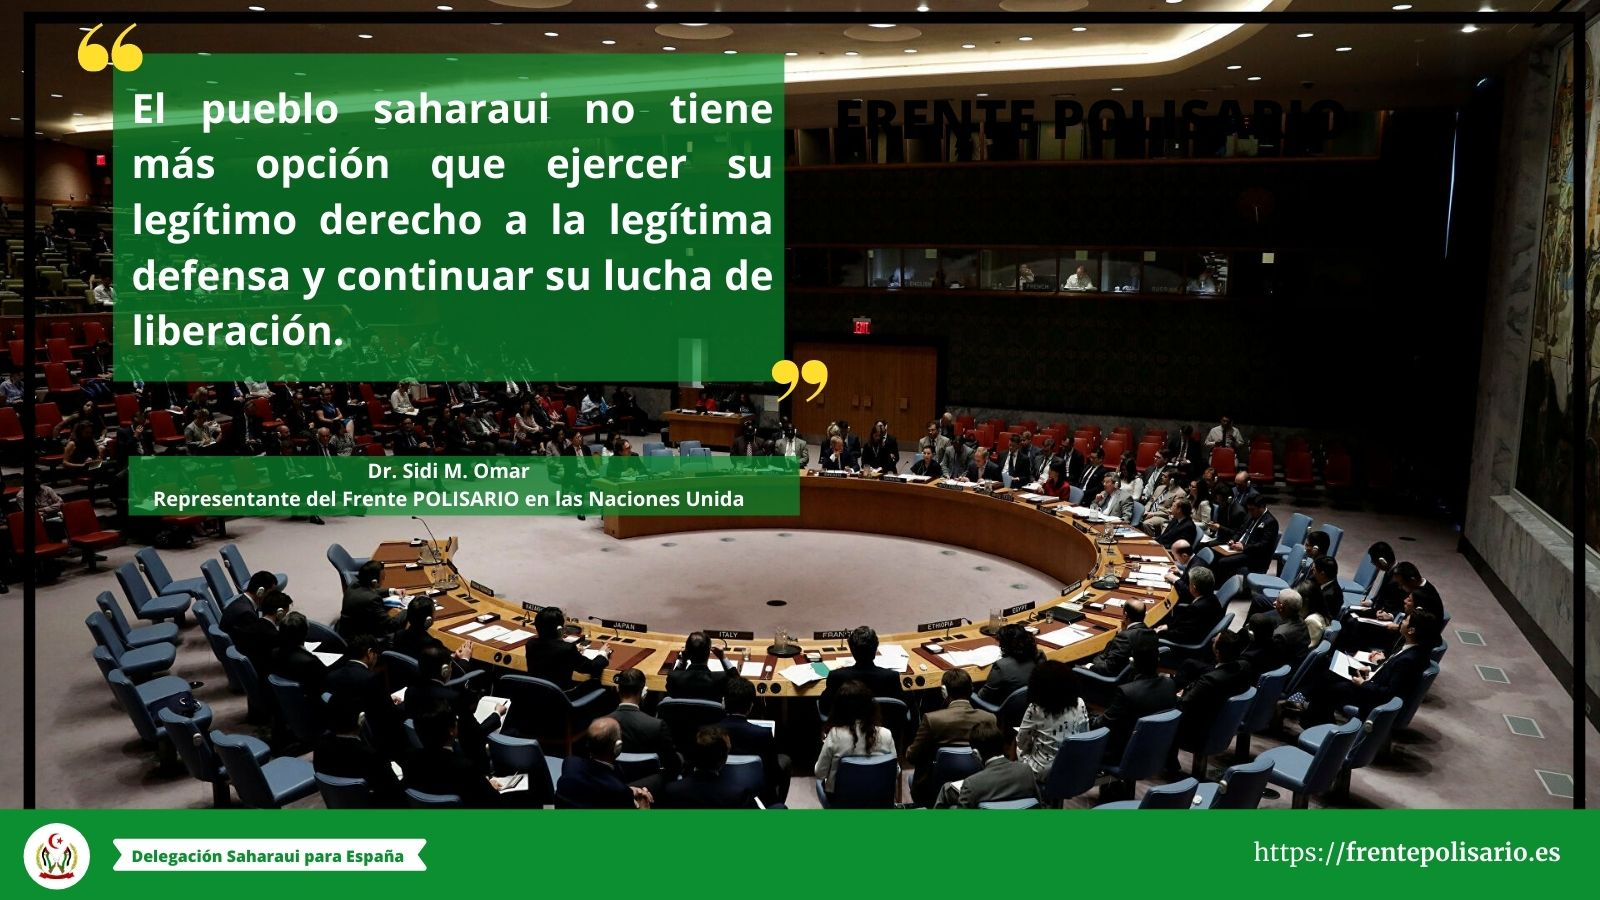 La inacción del Consejo de Seguridad socava las perspectivas de la solución pacifica y deja la puerta abierta a la escalada de la guerra en curso